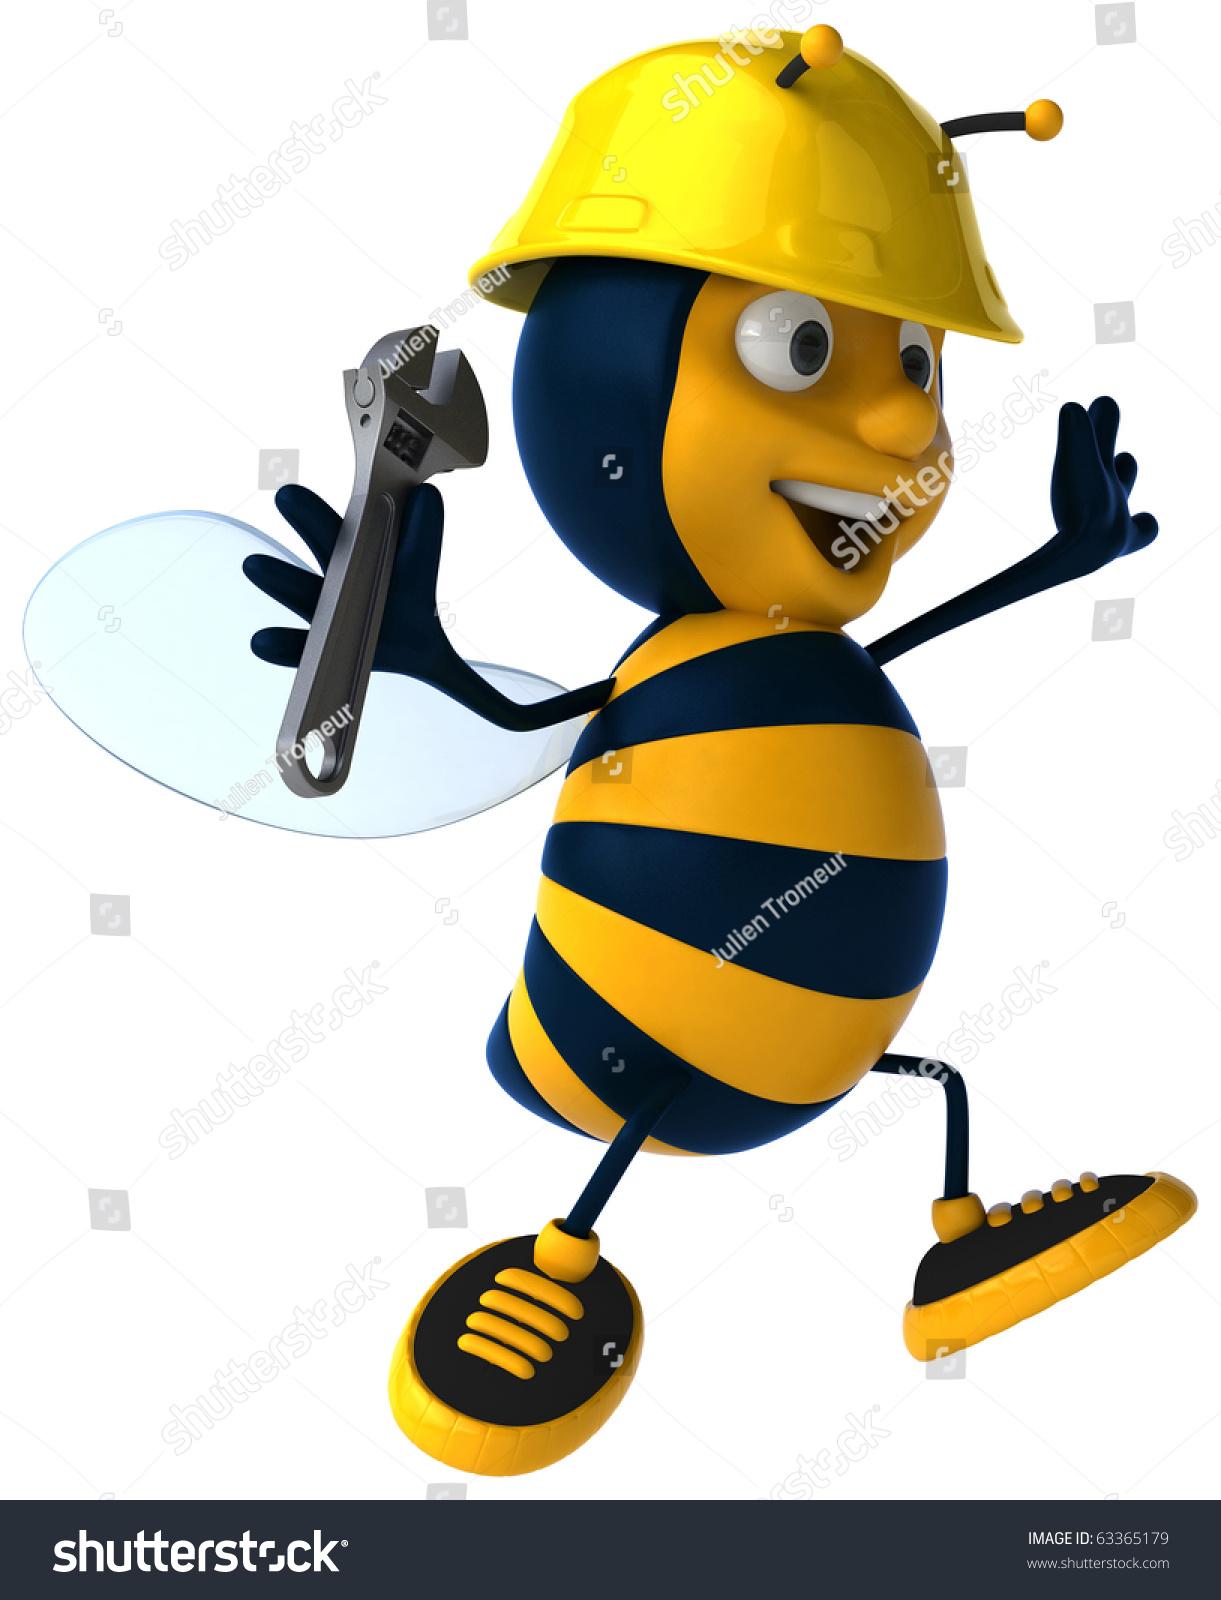 有趣的蜜蜂-动物/野生生物,插图/剪贴图-海洛创意()-.